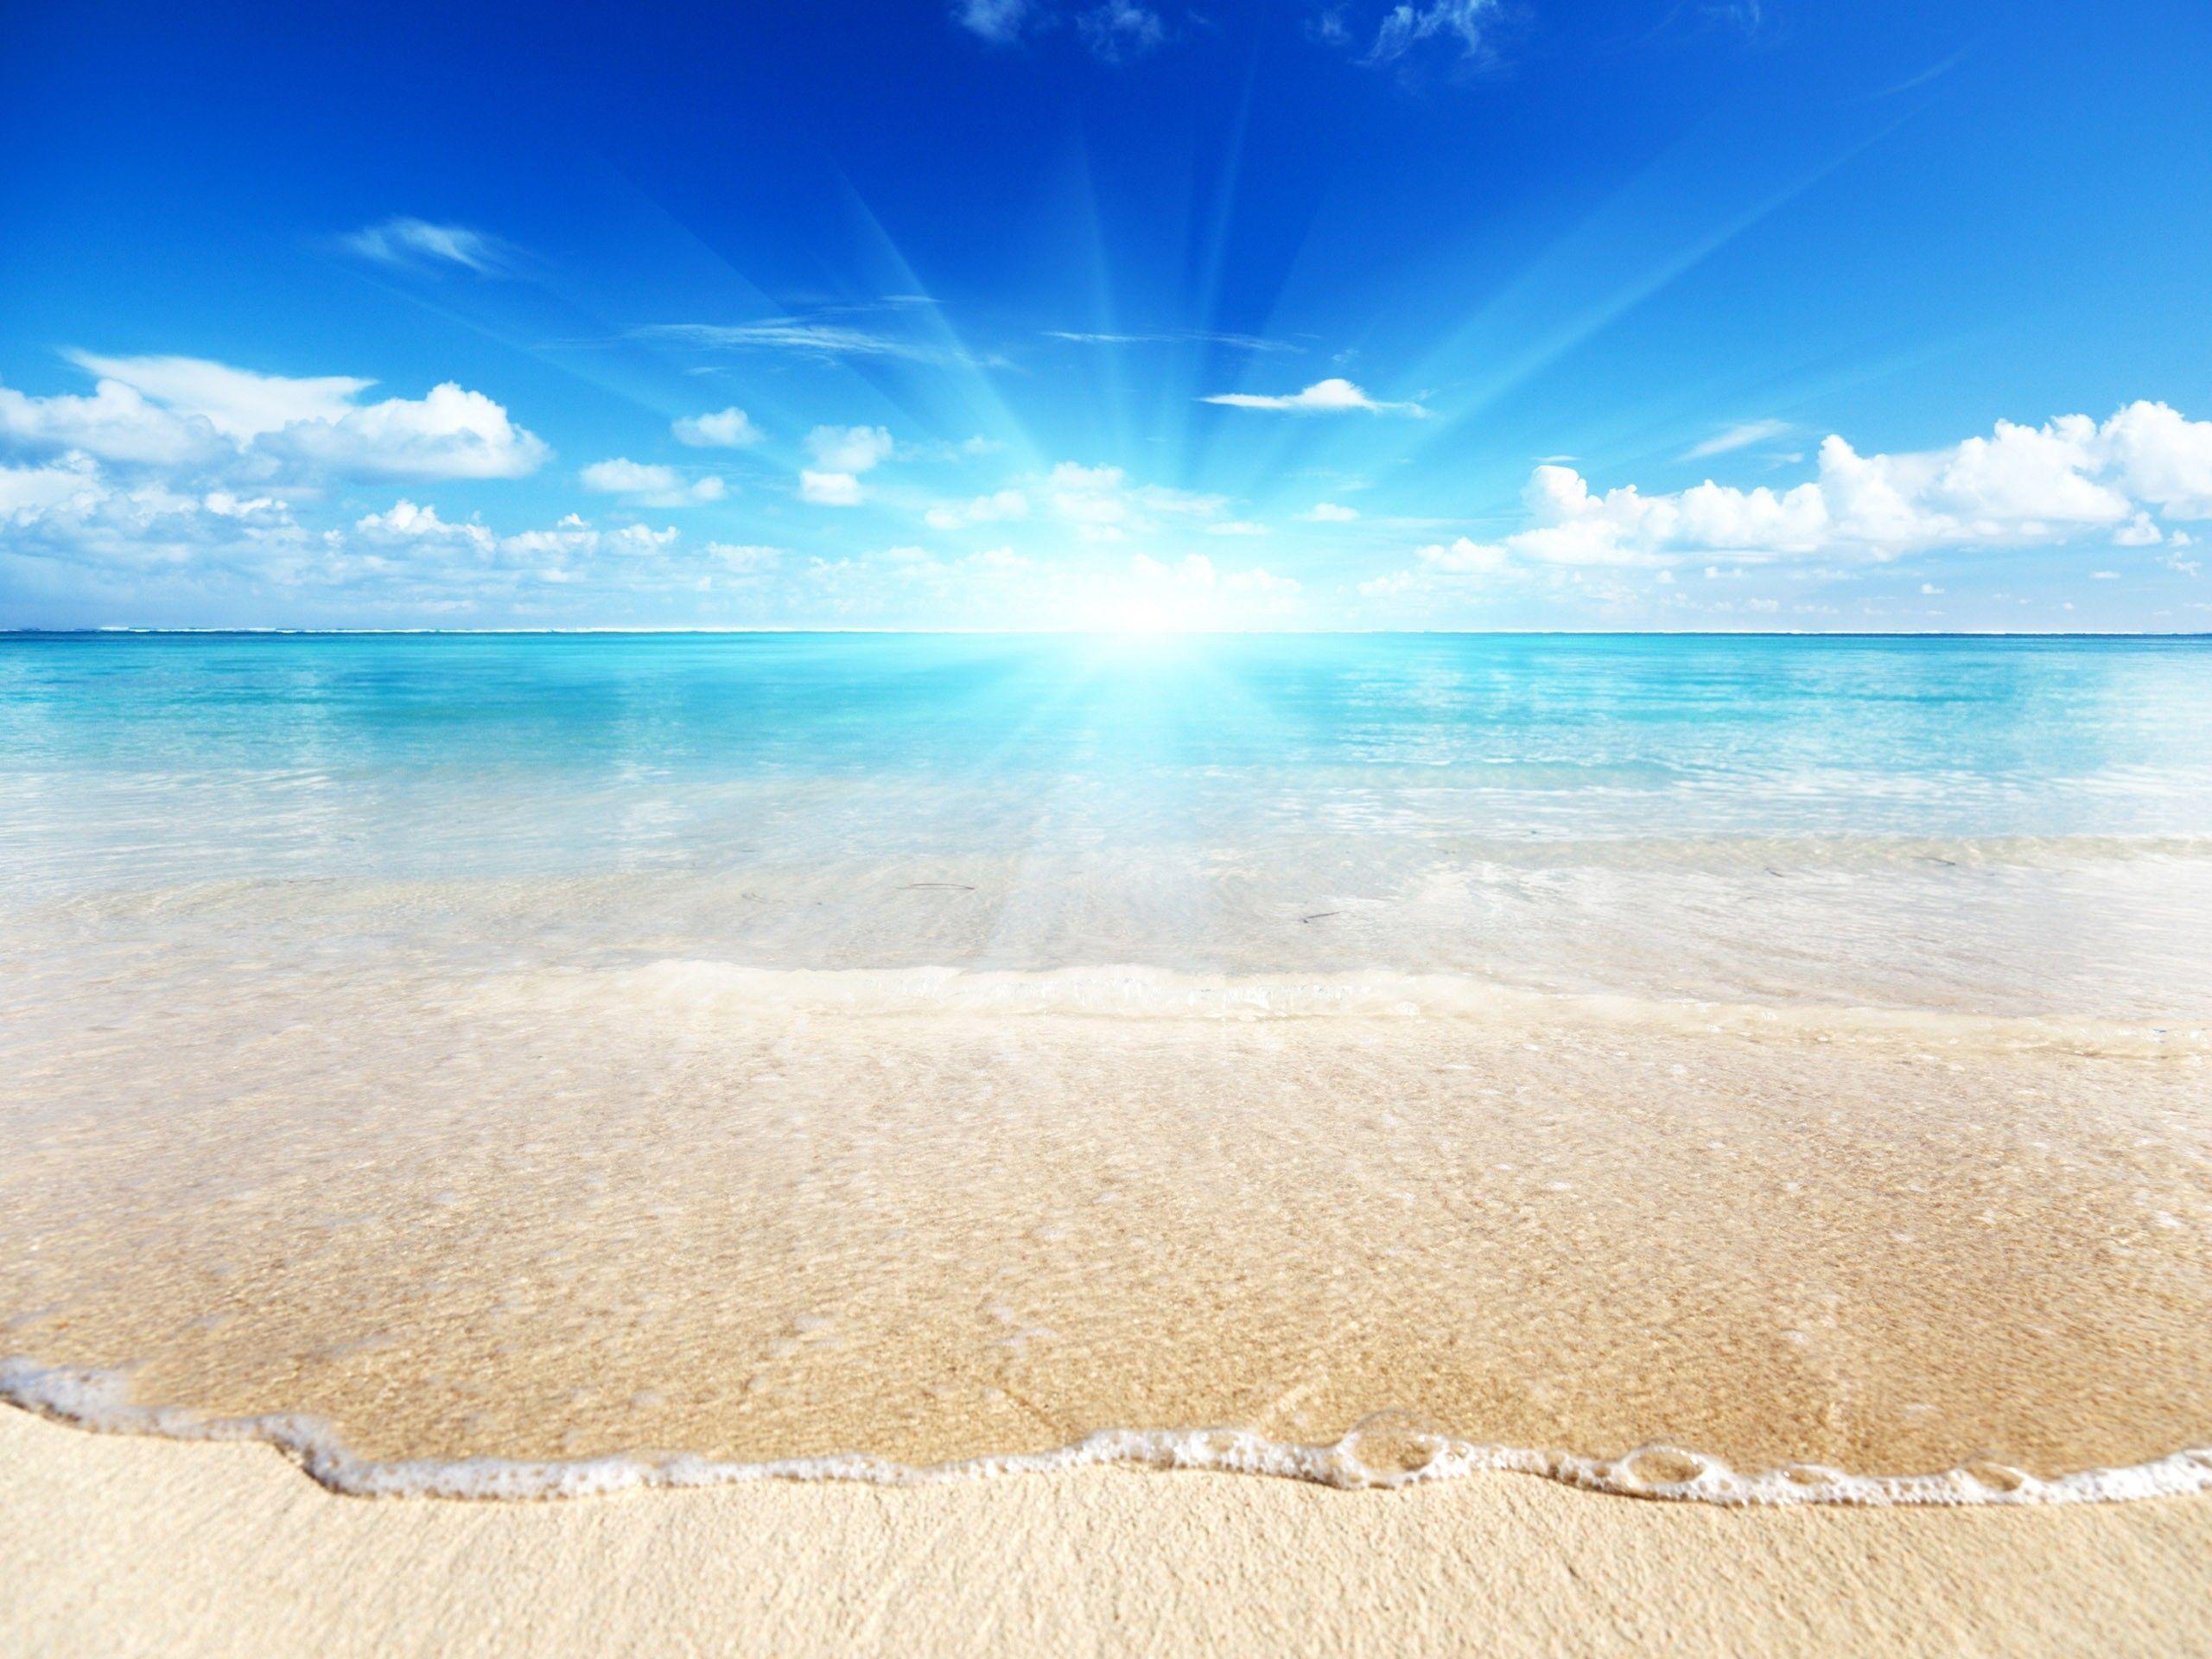 Beautiful Ocean View Wallpapers   Top Beautiful Ocean View 2560x1920